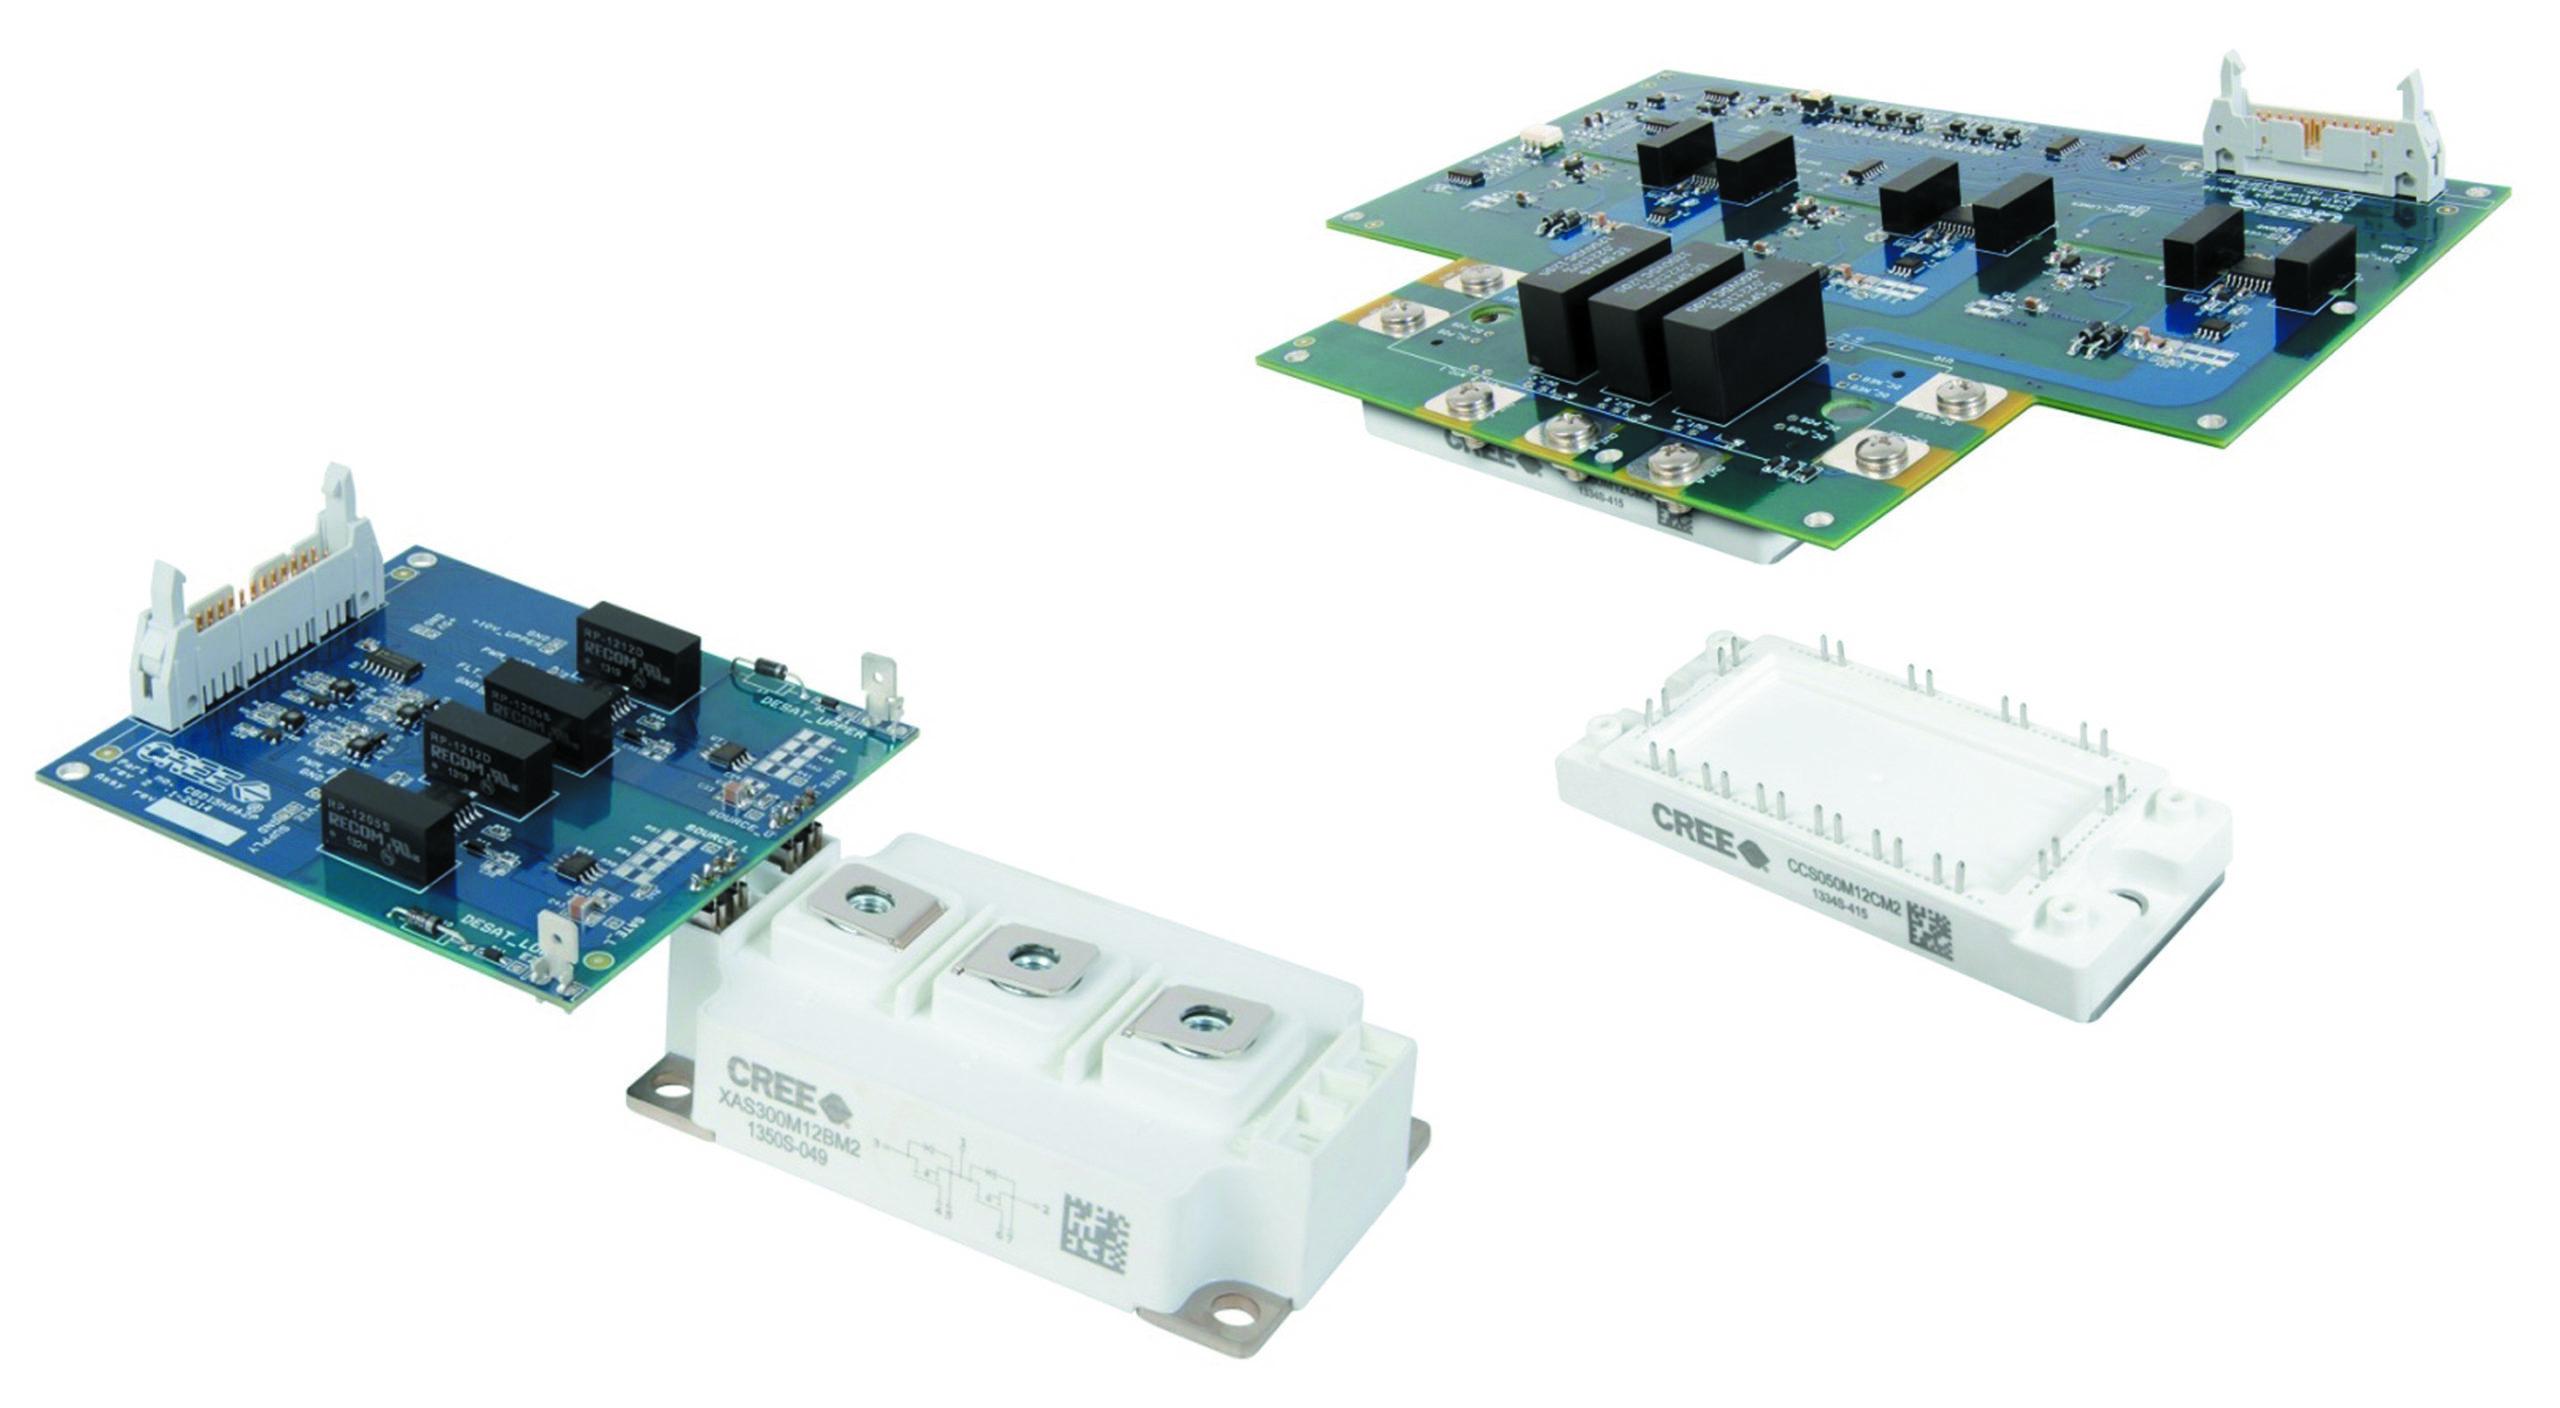 Мощные All-SiC модули 12-го и 17-го класса с драйверами затворов — реальная альтернатива IGBT